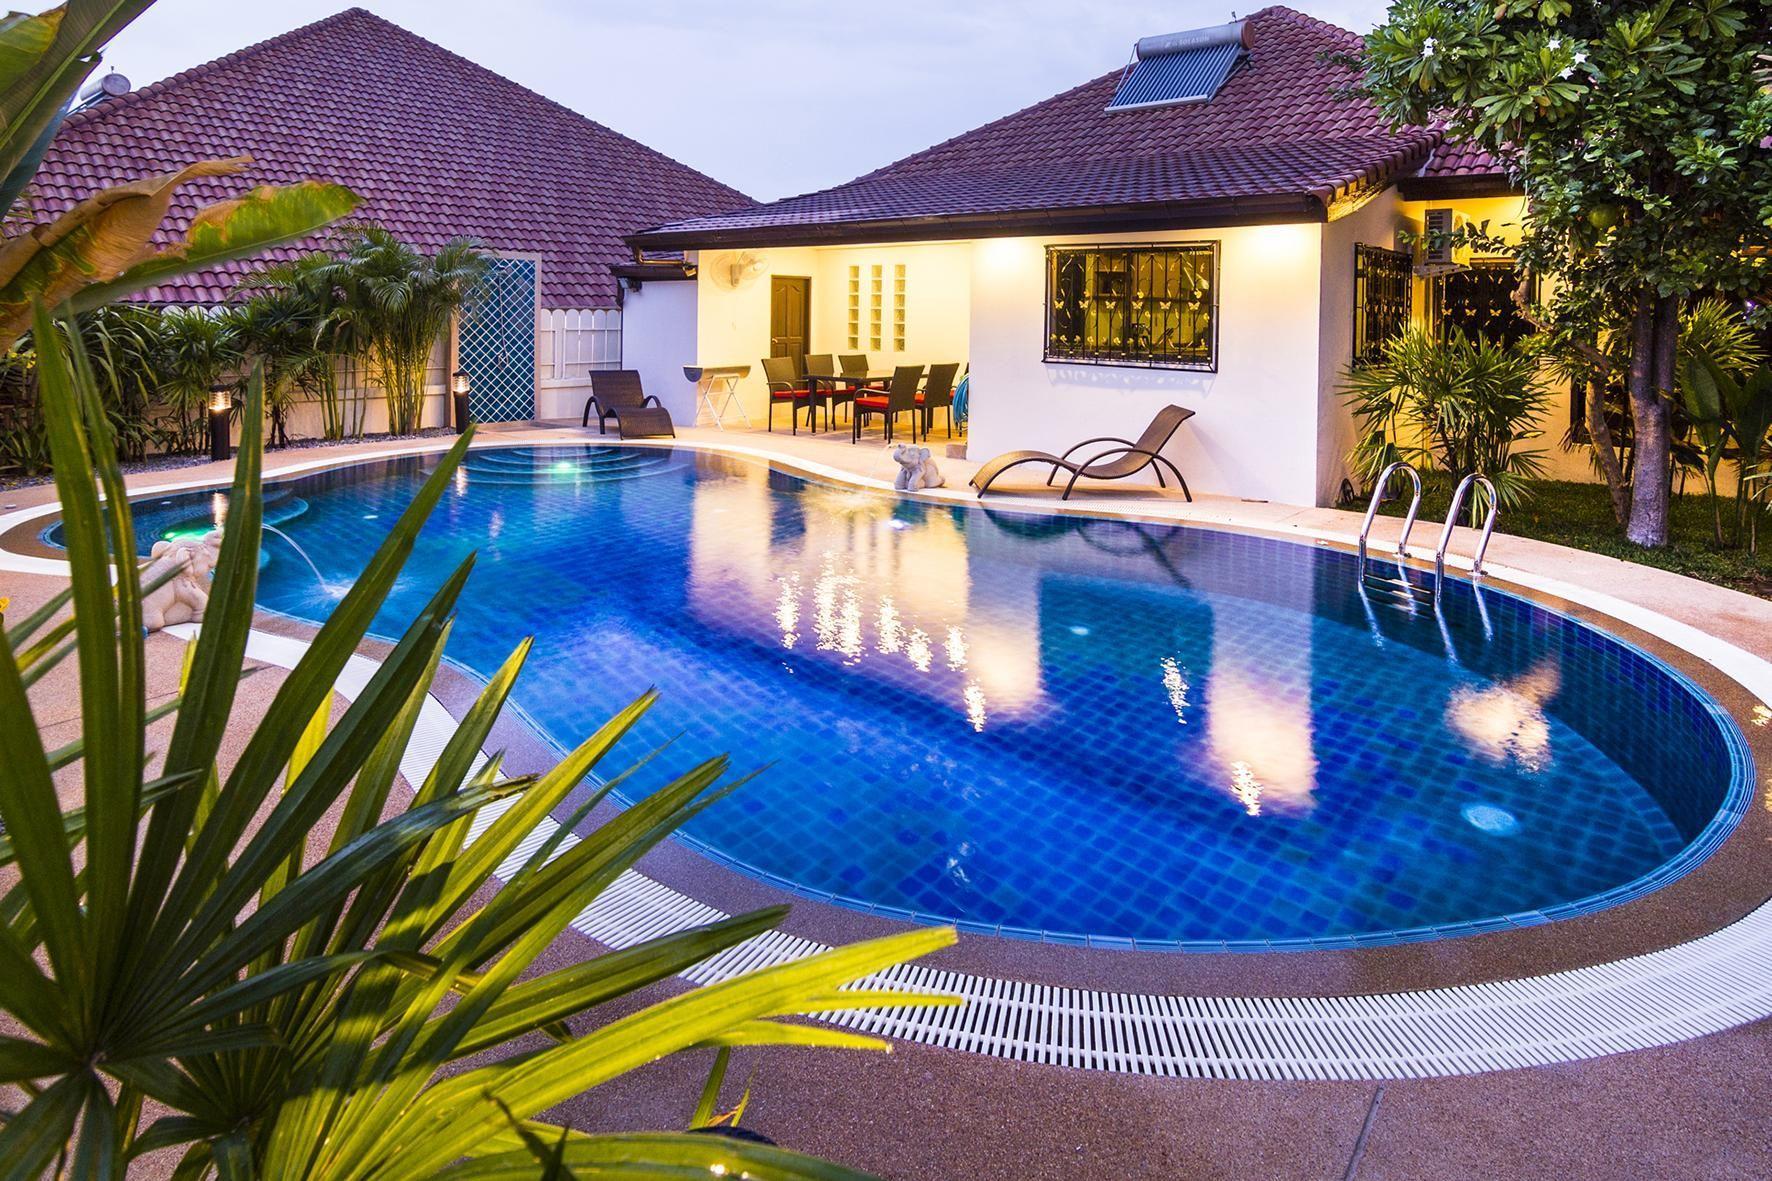 Ferienhaus mit Privatpool für 8 Personen ca.   in Asien und Naher Osten